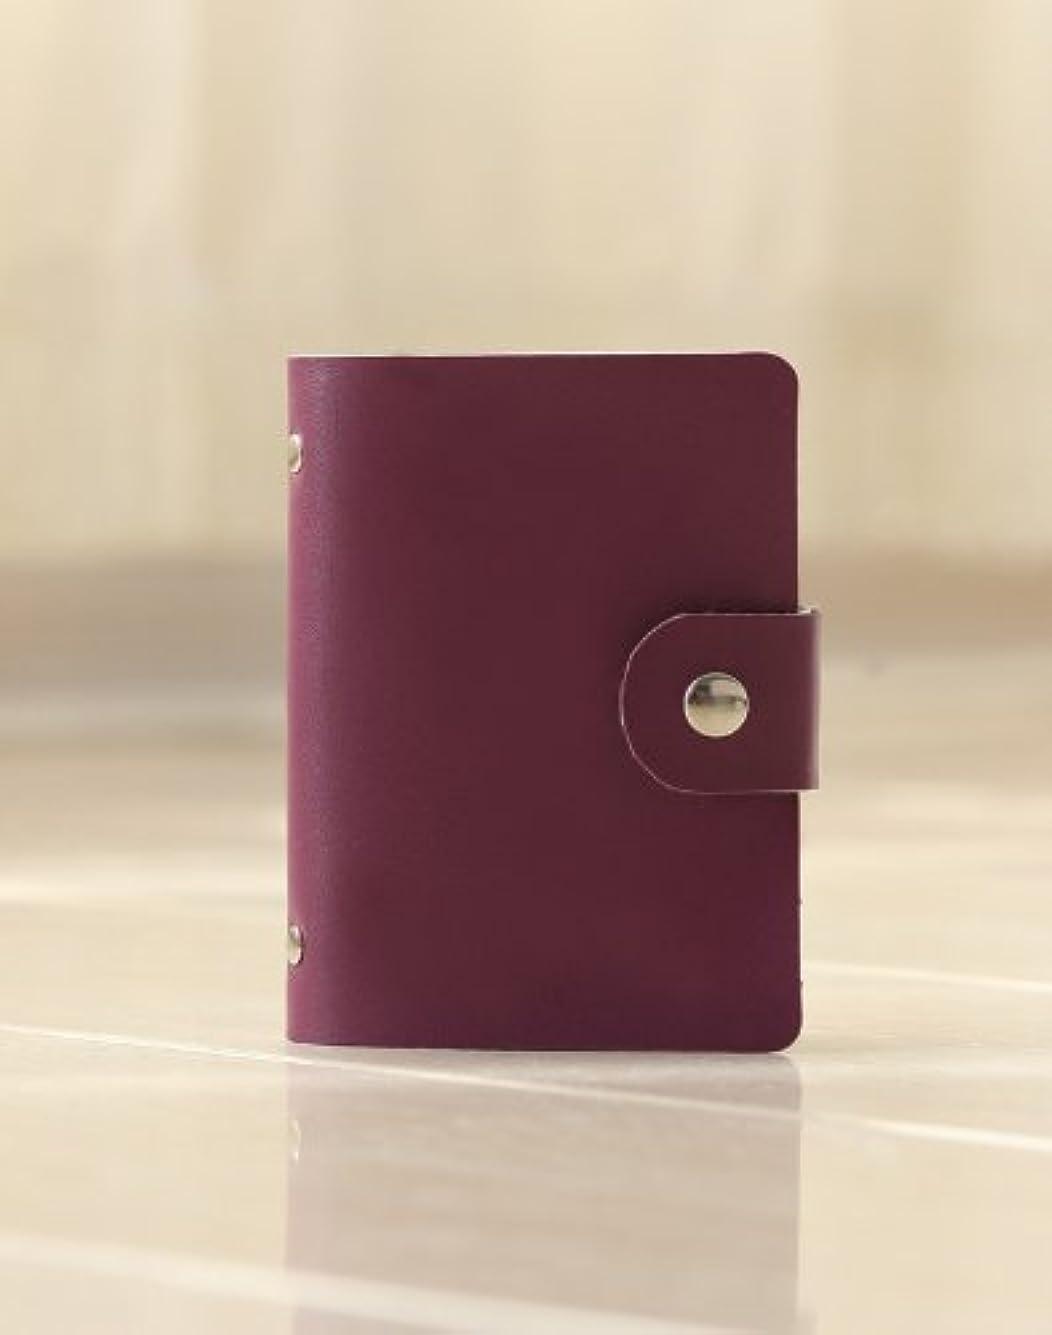 の真っ逆さまカニ26ポケット収納(52枚入れ可能)可愛い(色はパープル) カードケース 名刺ケース 女性 名刺入れ カード入れ カードケース 大容量 ポイントカード クレジットカード 40枚いや最大52枚